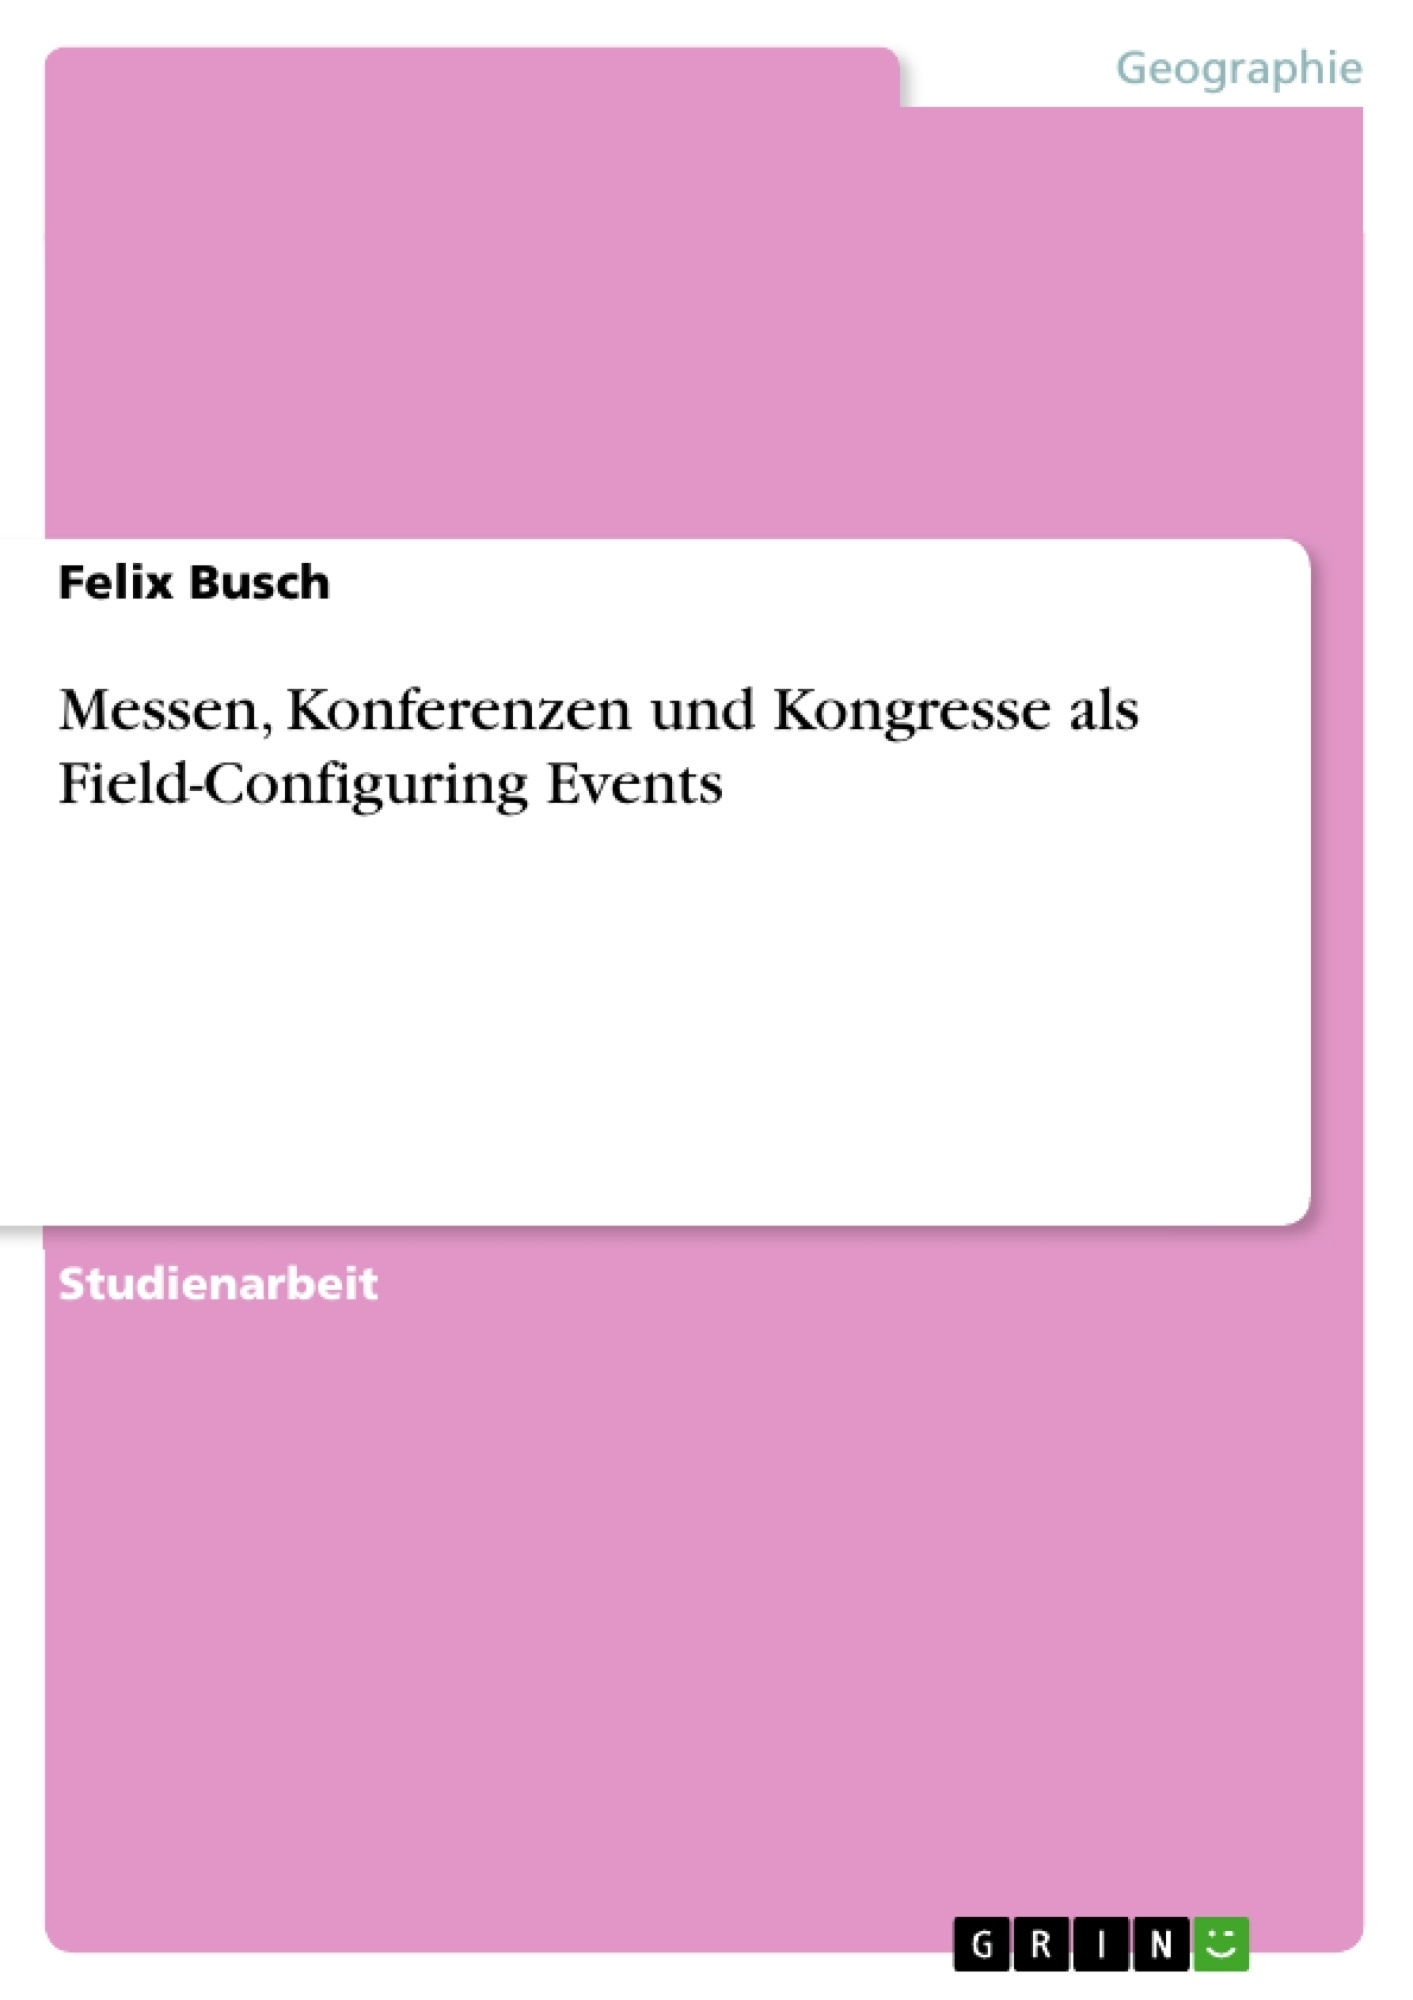 Titel: Messen, Konferenzen und Kongresse als Field-Configuring Events